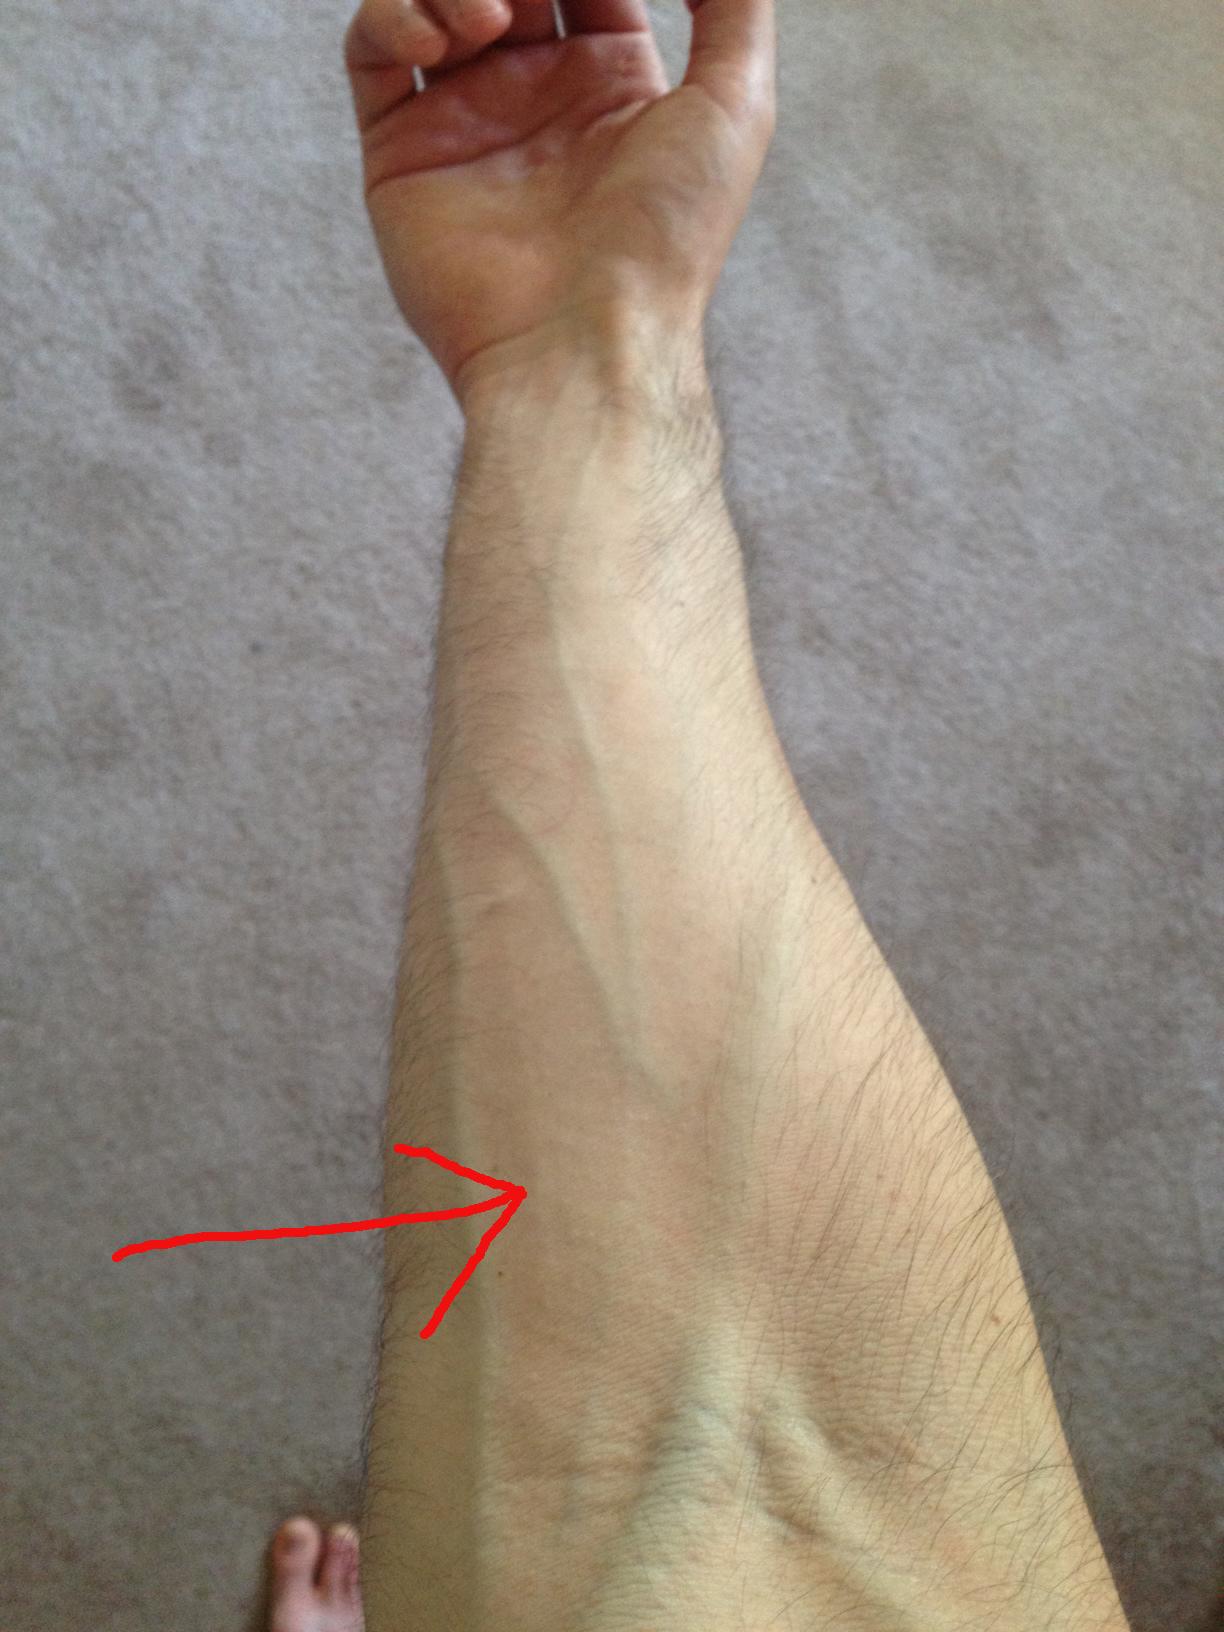 my forearm how tall